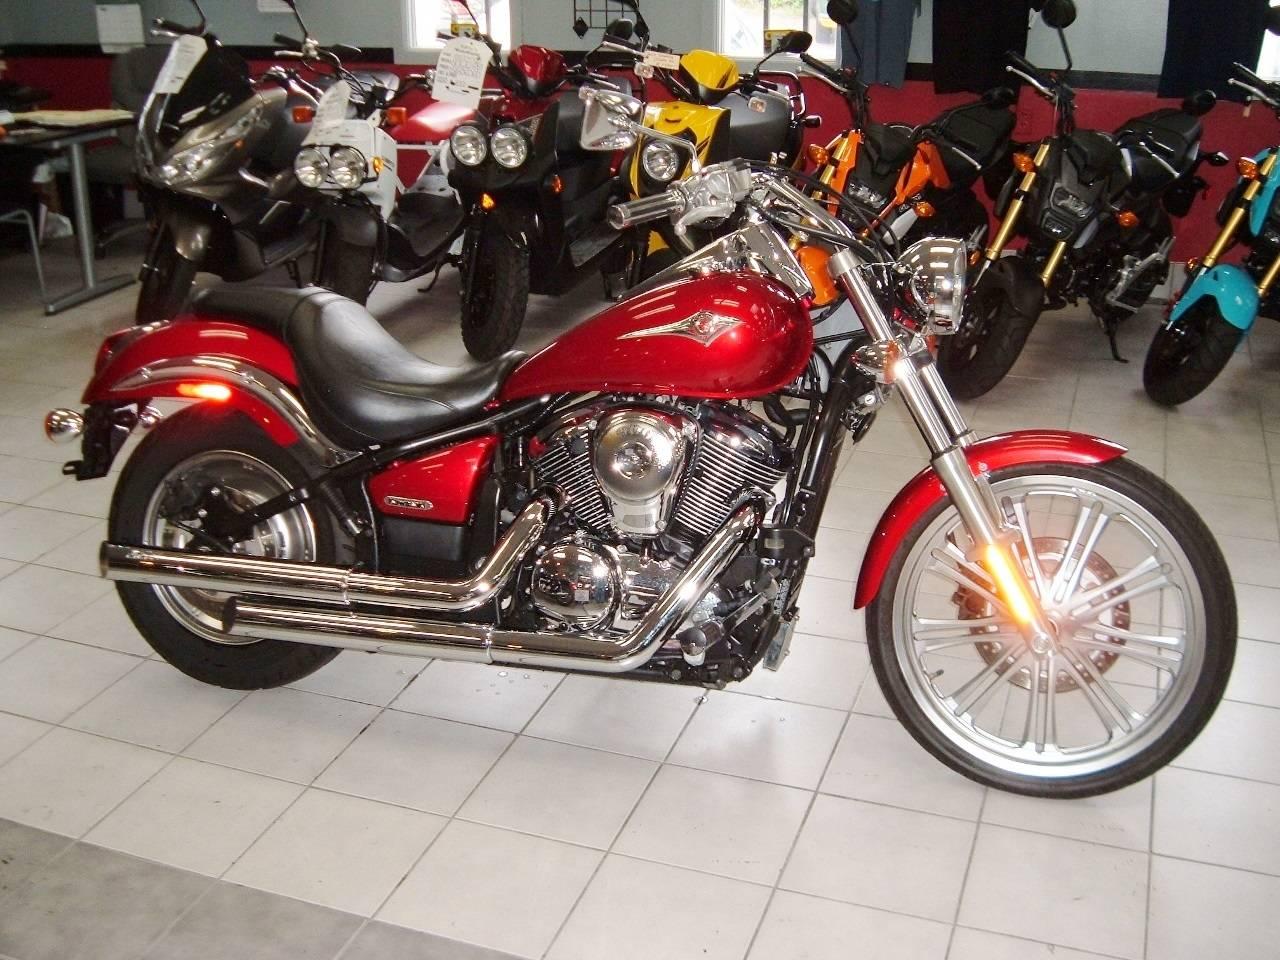 2007 Kawasaki Vulcan 900 Custom In New Haven Connecticut